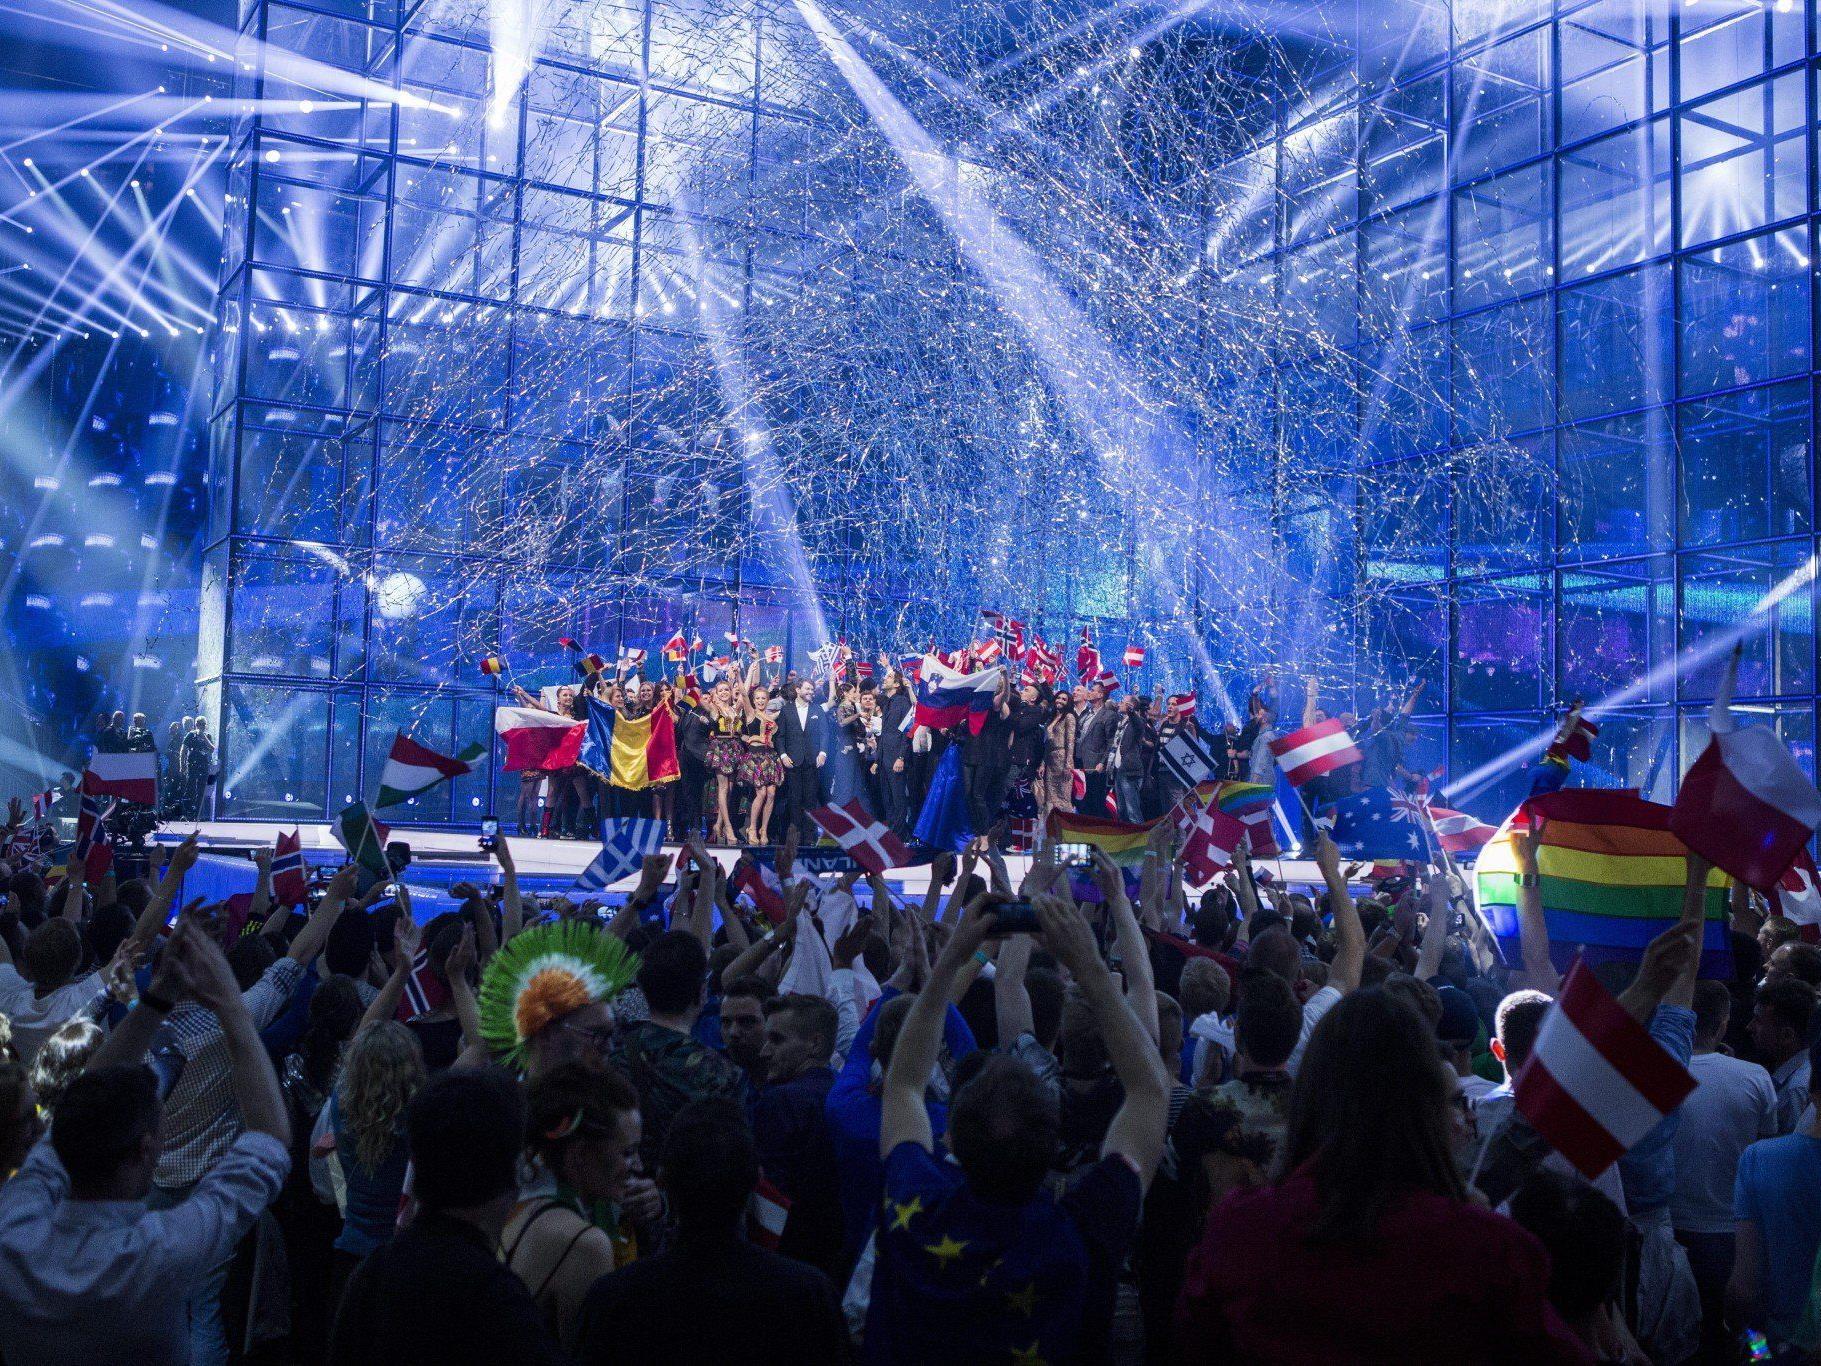 So viel könnte Österreich die Ausrichtung des Eurovision Song Contests kosten.